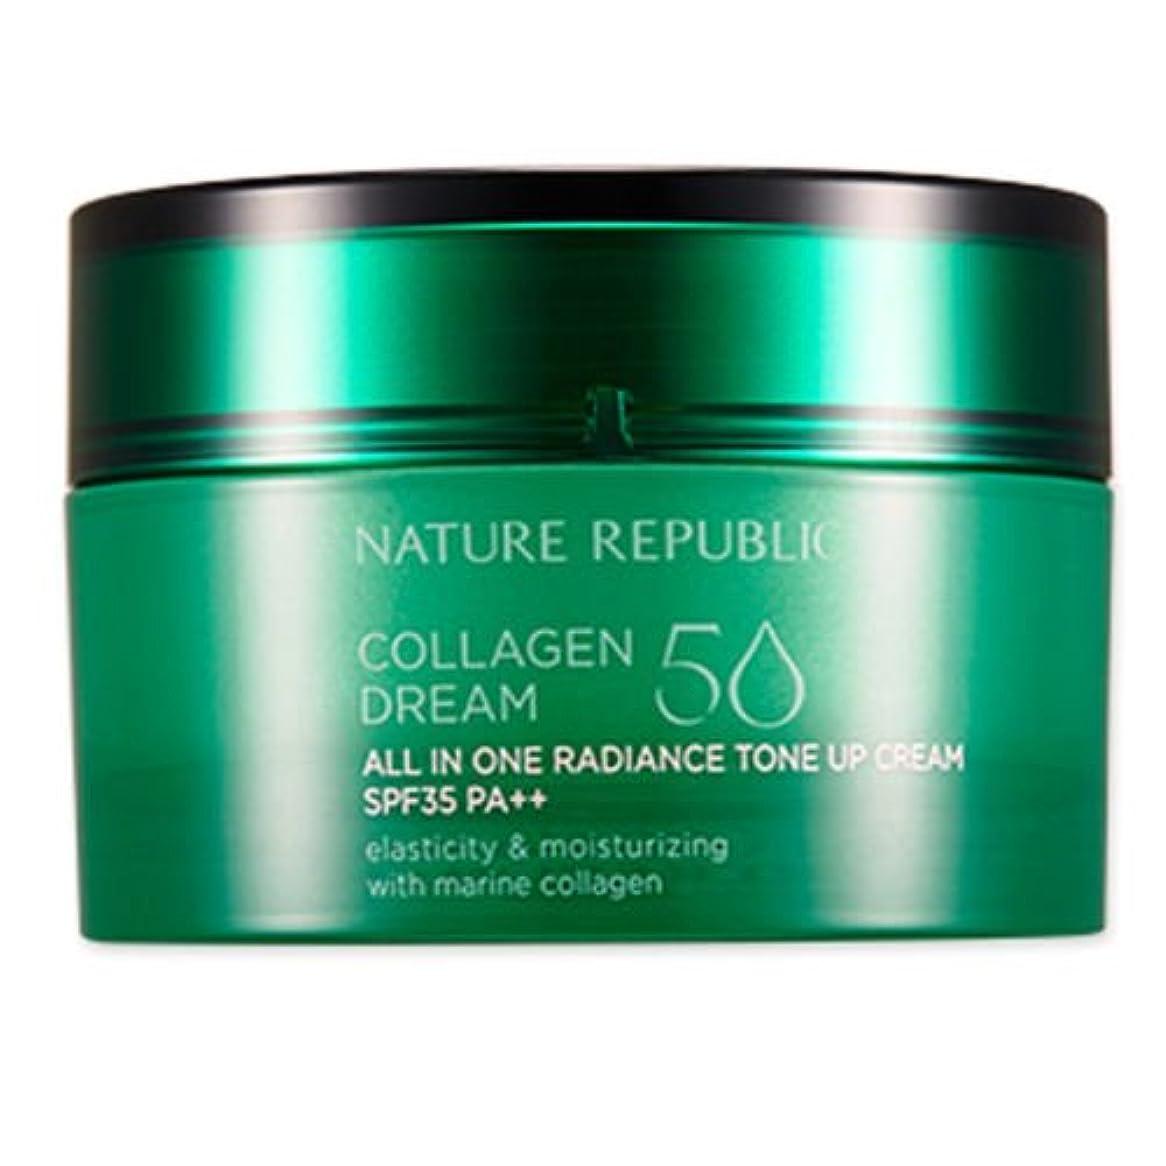 アマゾンジャングル排泄物幸運なことにNATURE REPUBLIC Collagen Dream 50 All-In-One Radiance Tone Up Cream(SPF35PA++) ネイチャーリパブリック [韓国コスメ ] コラーゲンドリーム50...